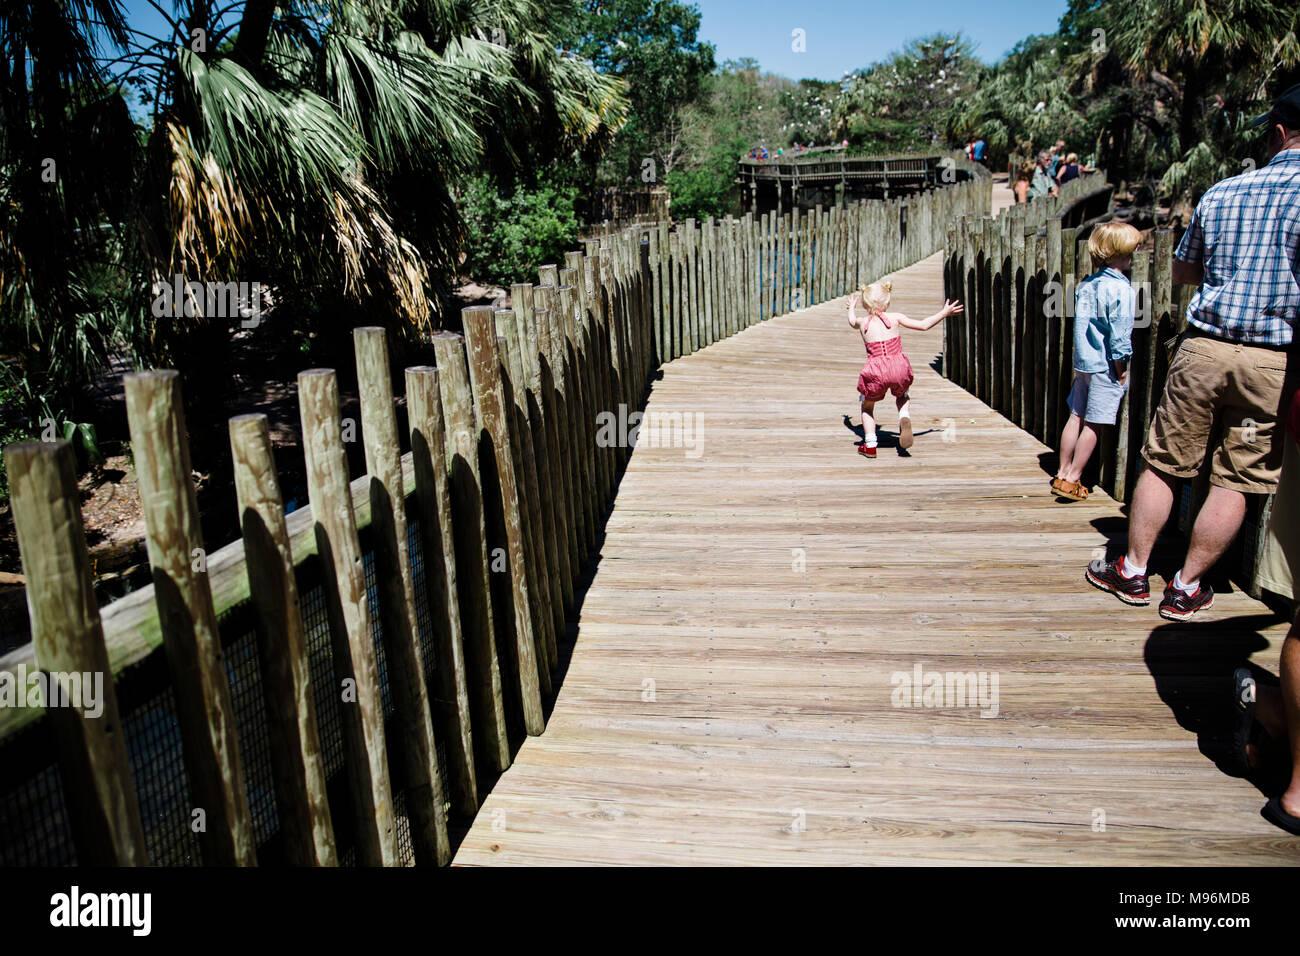 Family walking down zoo boardwalk - Stock Image